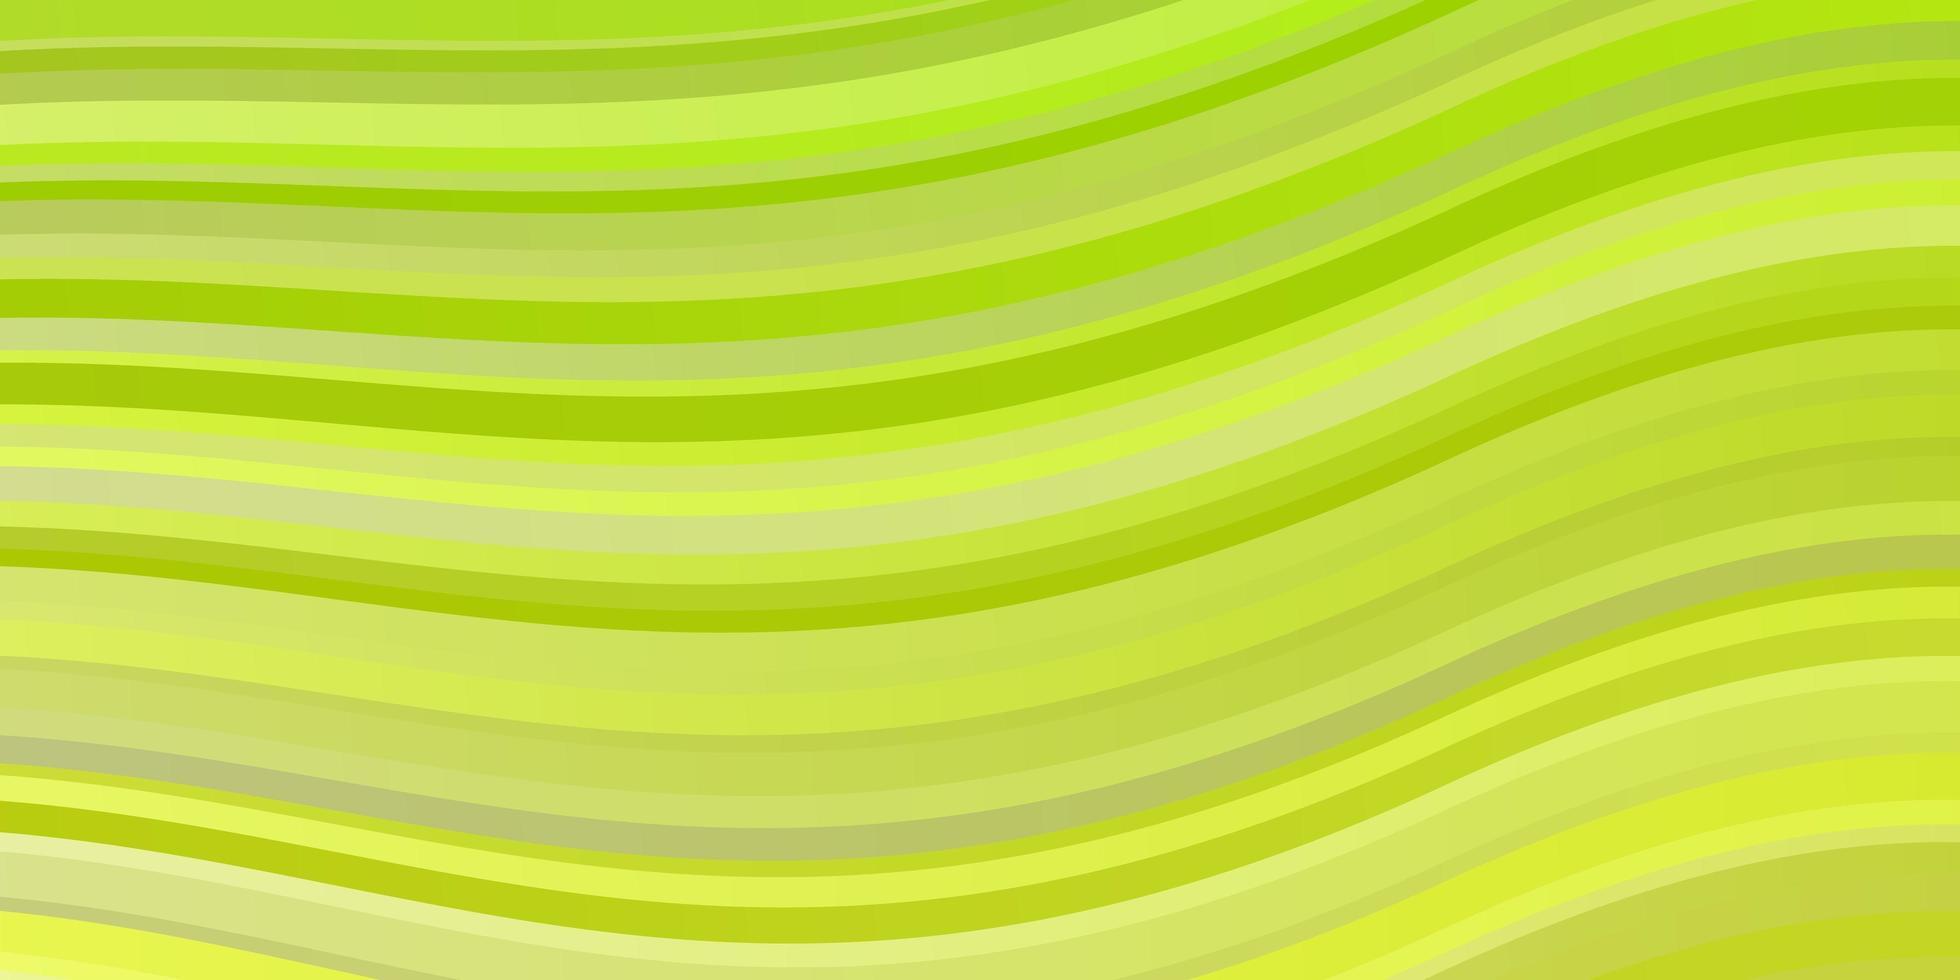 ljusgrön, gul vektorlayout med kurvor. vektor